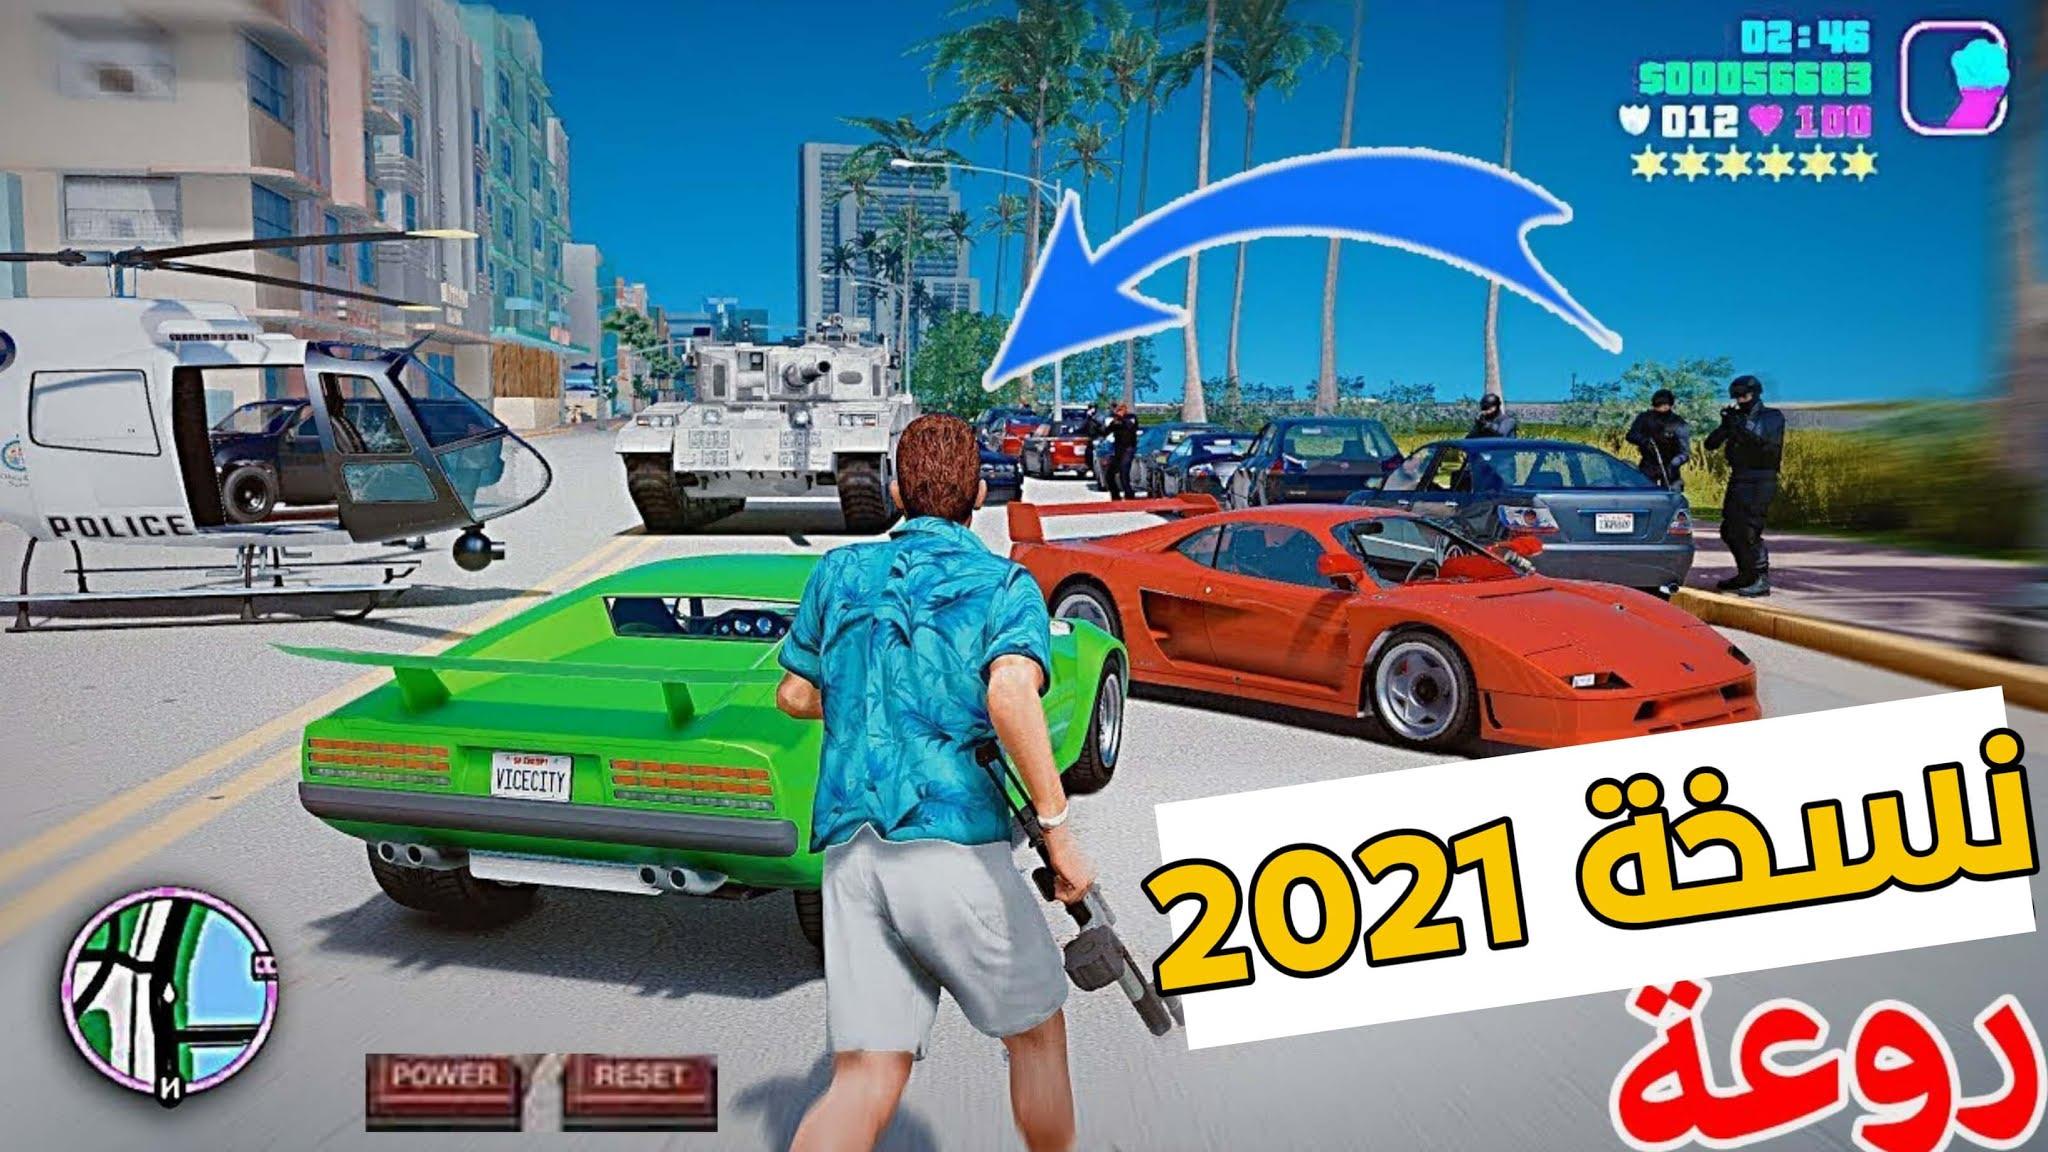 تحميل لعبة Gta Vice City لإصدار الأخير + قائمة الغش الكاملة